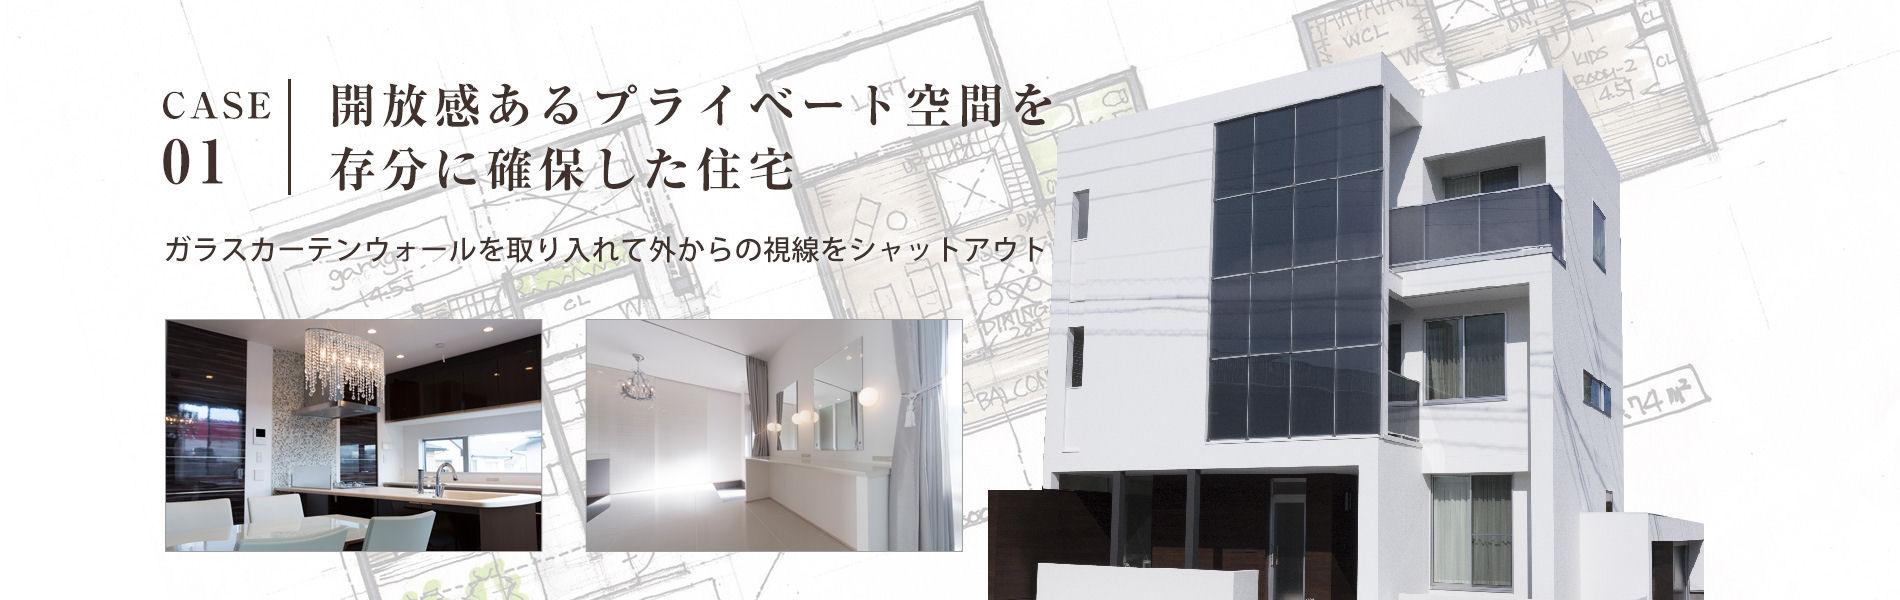 施工事例case1 開放感あるプライベート空間を存分に確保した住宅